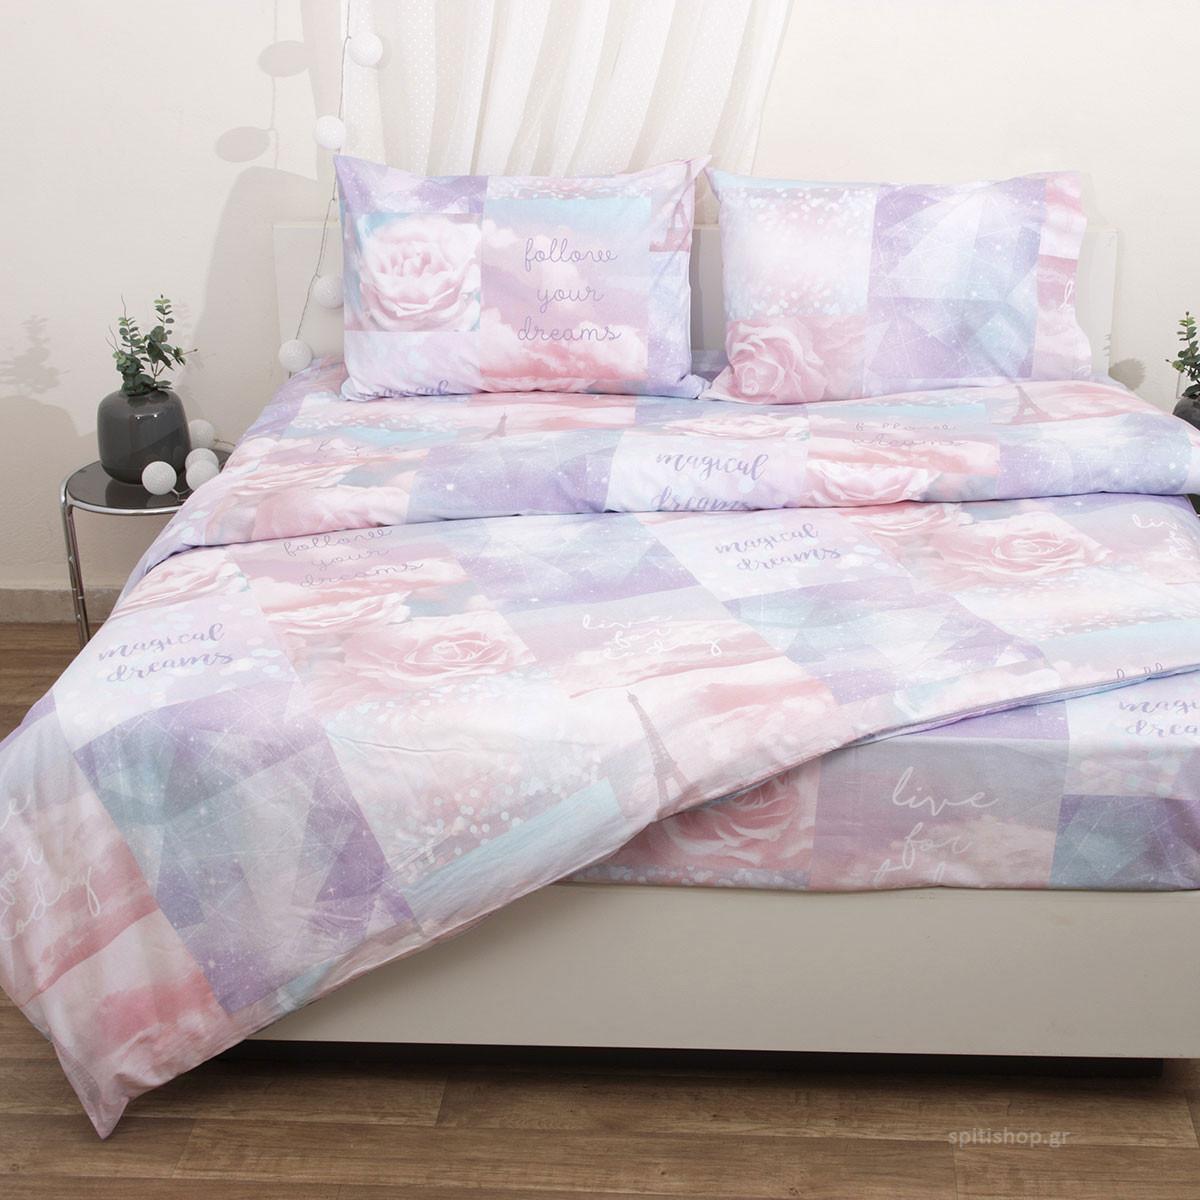 Κουβερλί Ημίδιπλο (Σετ) Viopros Fresh Ντριμ home   κρεβατοκάμαρα   κουβερλί   κουβερλί ημίδιπλα   διπλά